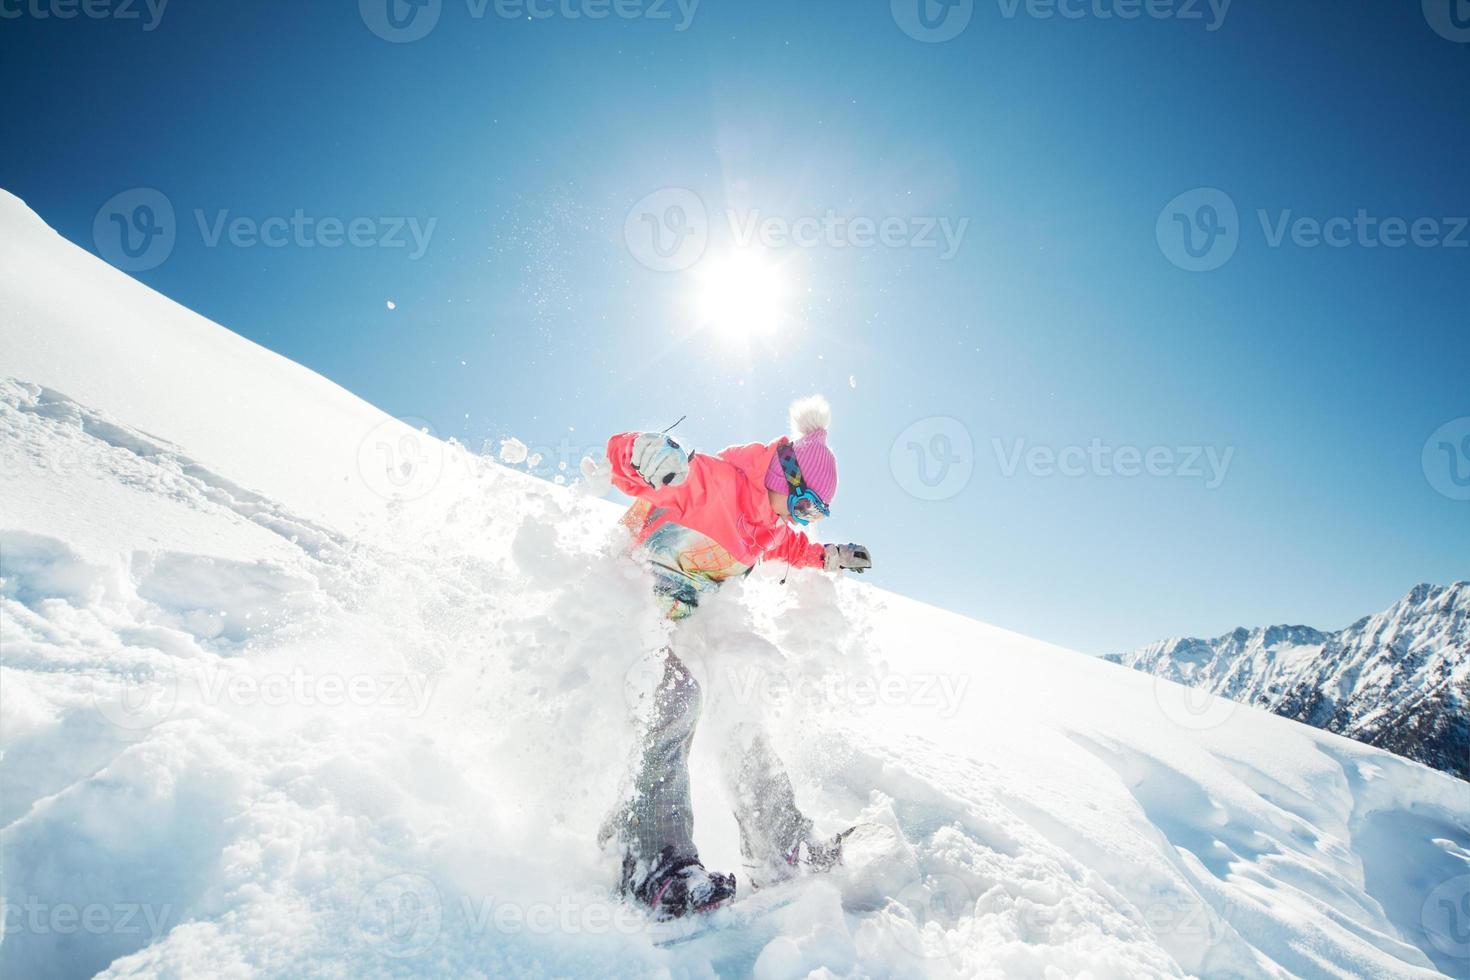 diversión de invierno foto